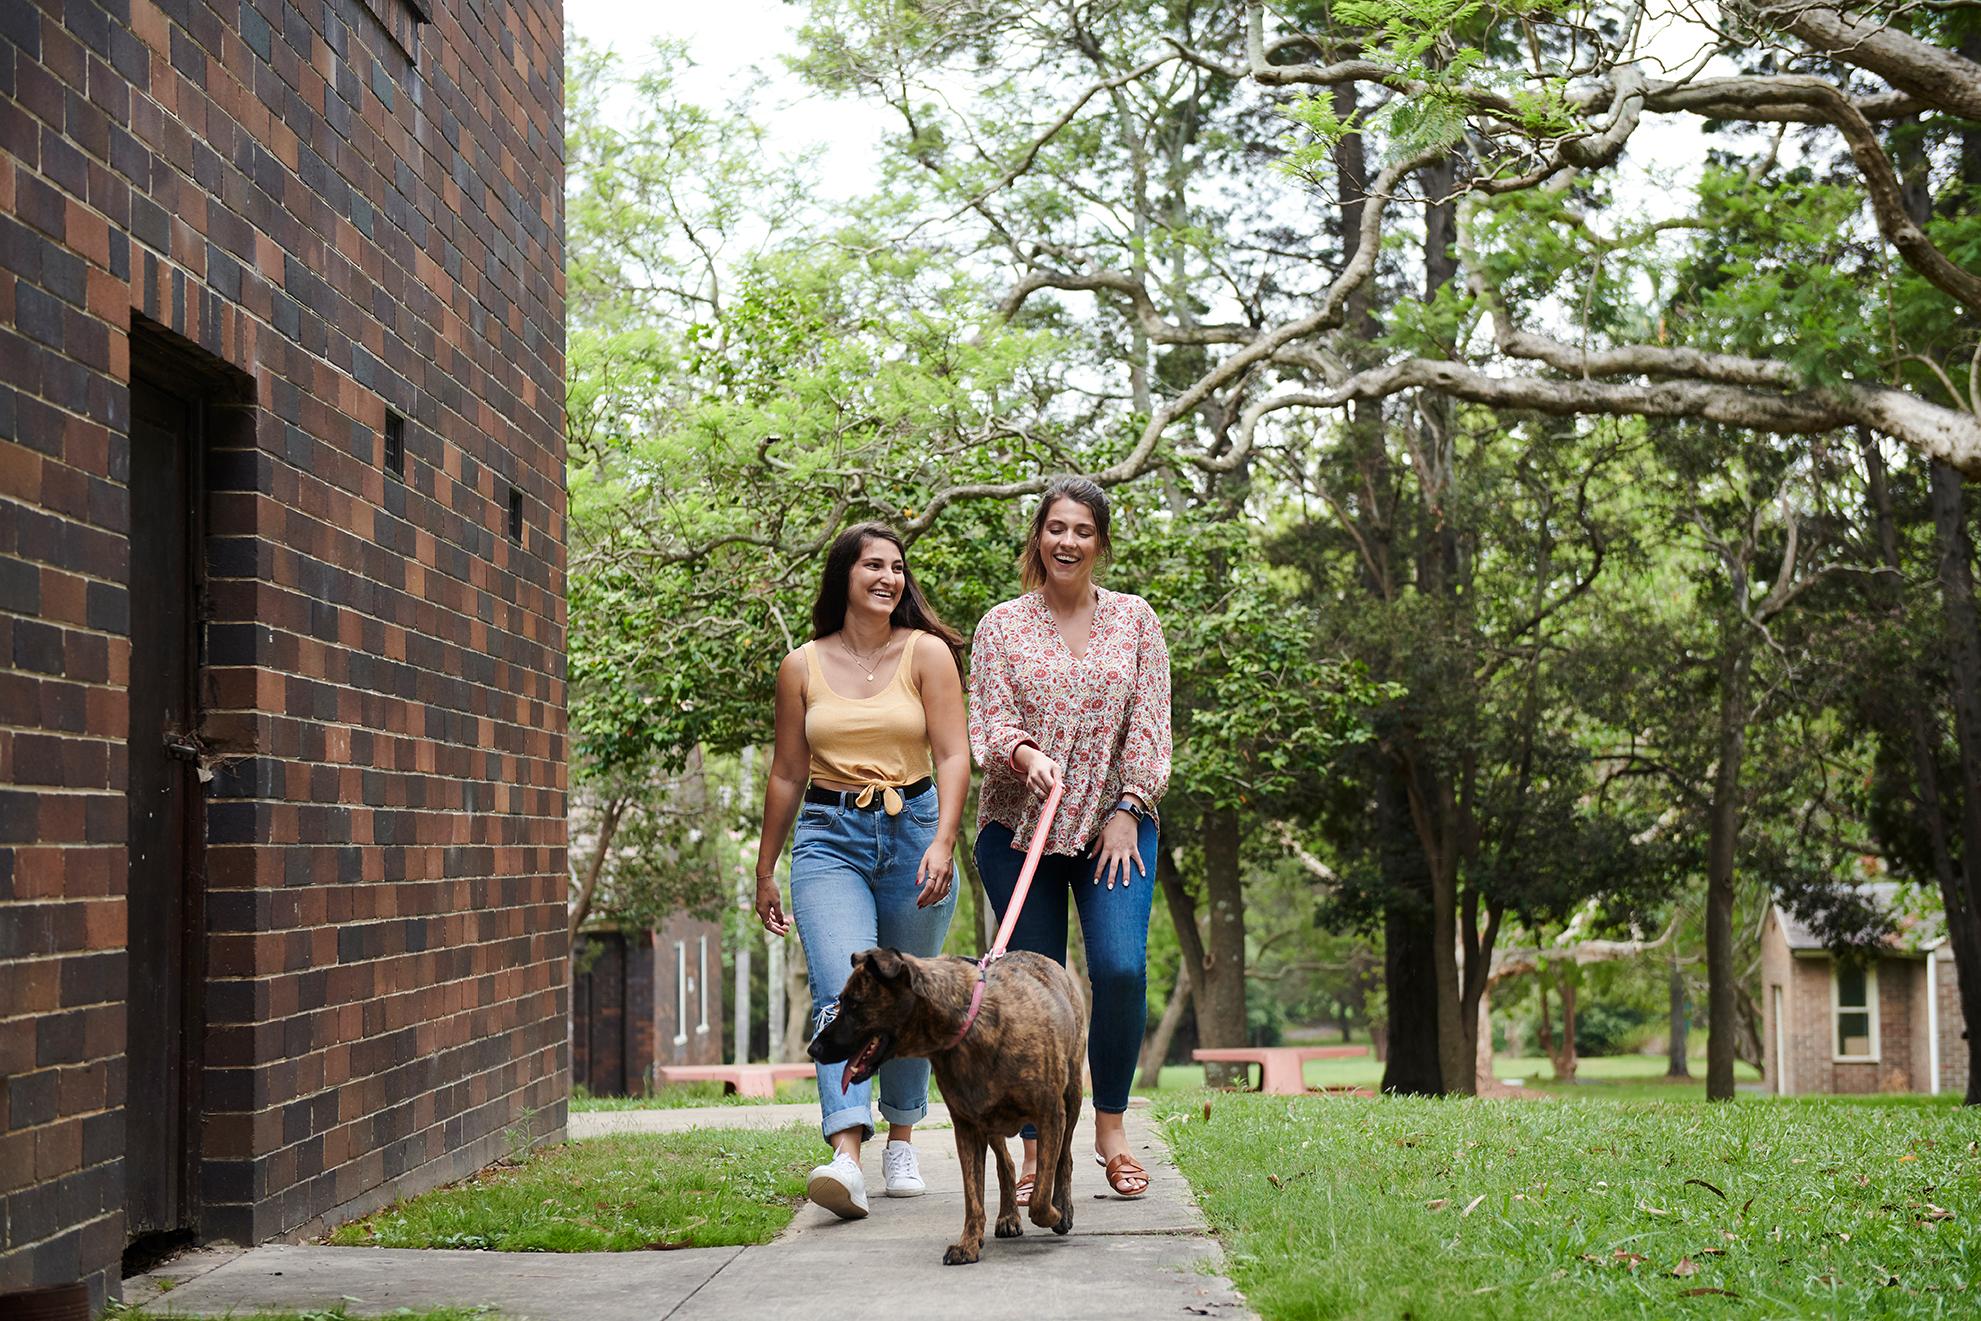 young women walking a dog